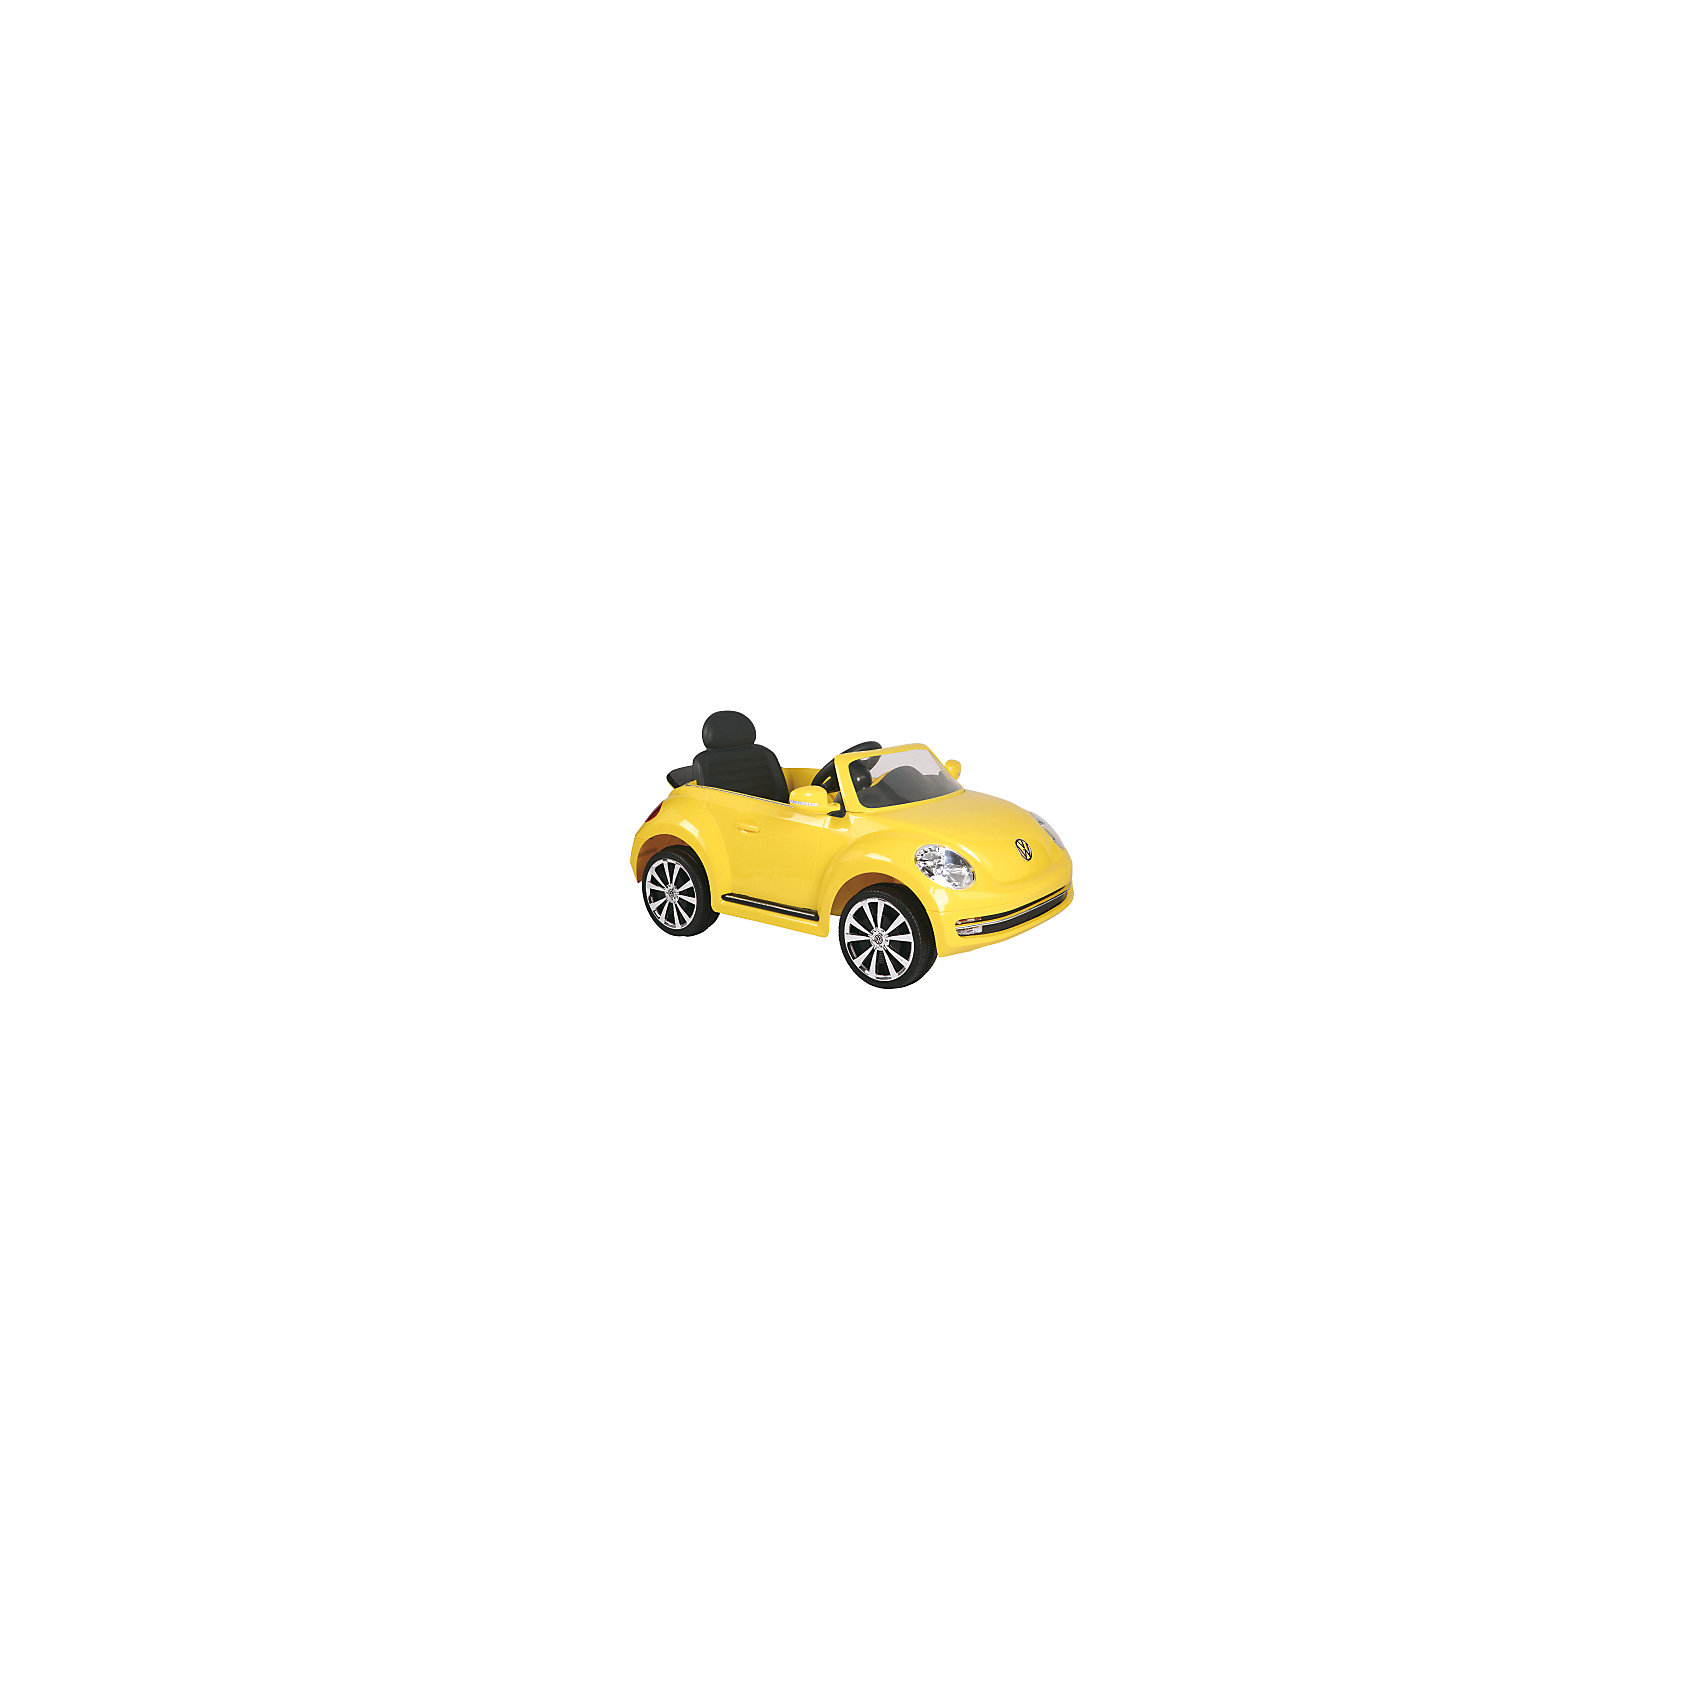 Электромобиль A01, Geoby, желтыйЭлектромобиль Geoby –маленькая и яркая машинка, которая для любого малыша станет идеальным подарком. Модель имеет реалистичный внешний вид, оснащена прозрачным ветровым стеклом, У автомобиля имеются звуковые и световые эффекты, которые вместе с реалистичностью дизайна  делают его любимым транспортом Вашего ребенка. Множество деталей подчеркивает сходство с оригиналом, а устойчивость и прочность делают модель безопасной и комфортной для Вашего малыша.<br><br>Основные характеристики <br><br>- посадочных мест: 1 <br>- марка автомобиля другая<br>- количество скоростей: 1 назад, 1 вперед <br>- максимальная скорость: 3 км/ч <br>- радиоуправление нет<br><br>Дополнительная информация:<br><br>- производитель Geoby<br>- цвет желтый<br>- возраст ребенка 1-3 года<br>- тип электромобиля легковая машина <br>- максимальная нагрузка до 30 кг<br>- посадочных мест 1<br>- количество скоростей 1 назад, 1 вперед<br>- максимальная скорость 3 км/ч<br>- радиоуправление нет<br><br>Электромобиль A06,торговой марки  Geoby, можно купить в нашем интернет-магазине<br><br>Ширина мм: 1060<br>Глубина мм: 610<br>Высота мм: 365<br>Вес г: 16700<br>Возраст от месяцев: 24<br>Возраст до месяцев: 84<br>Пол: Унисекс<br>Возраст: Детский<br>SKU: 4975817